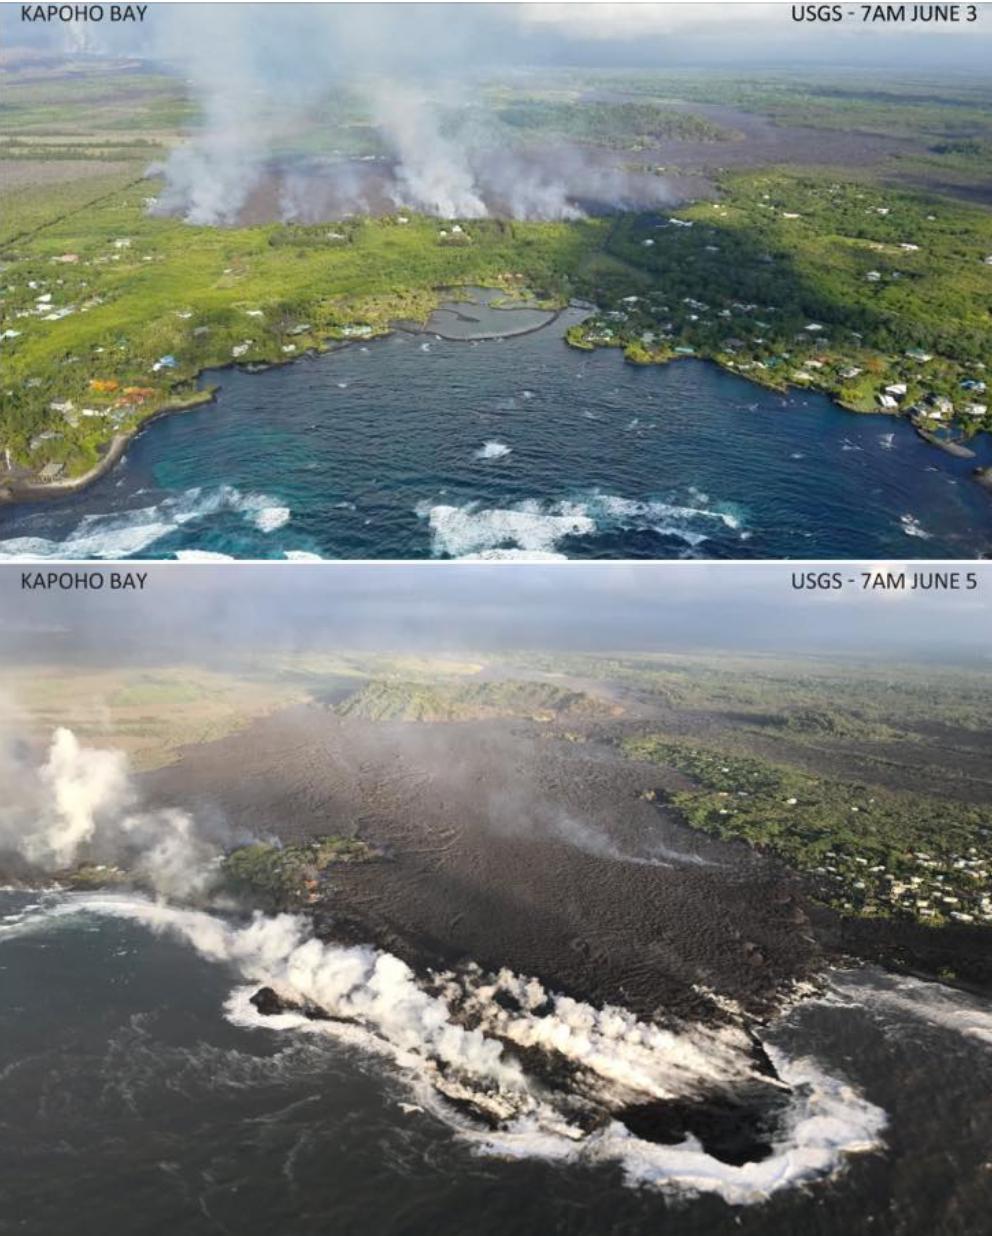 Lava covers Kapoho, Hawaii